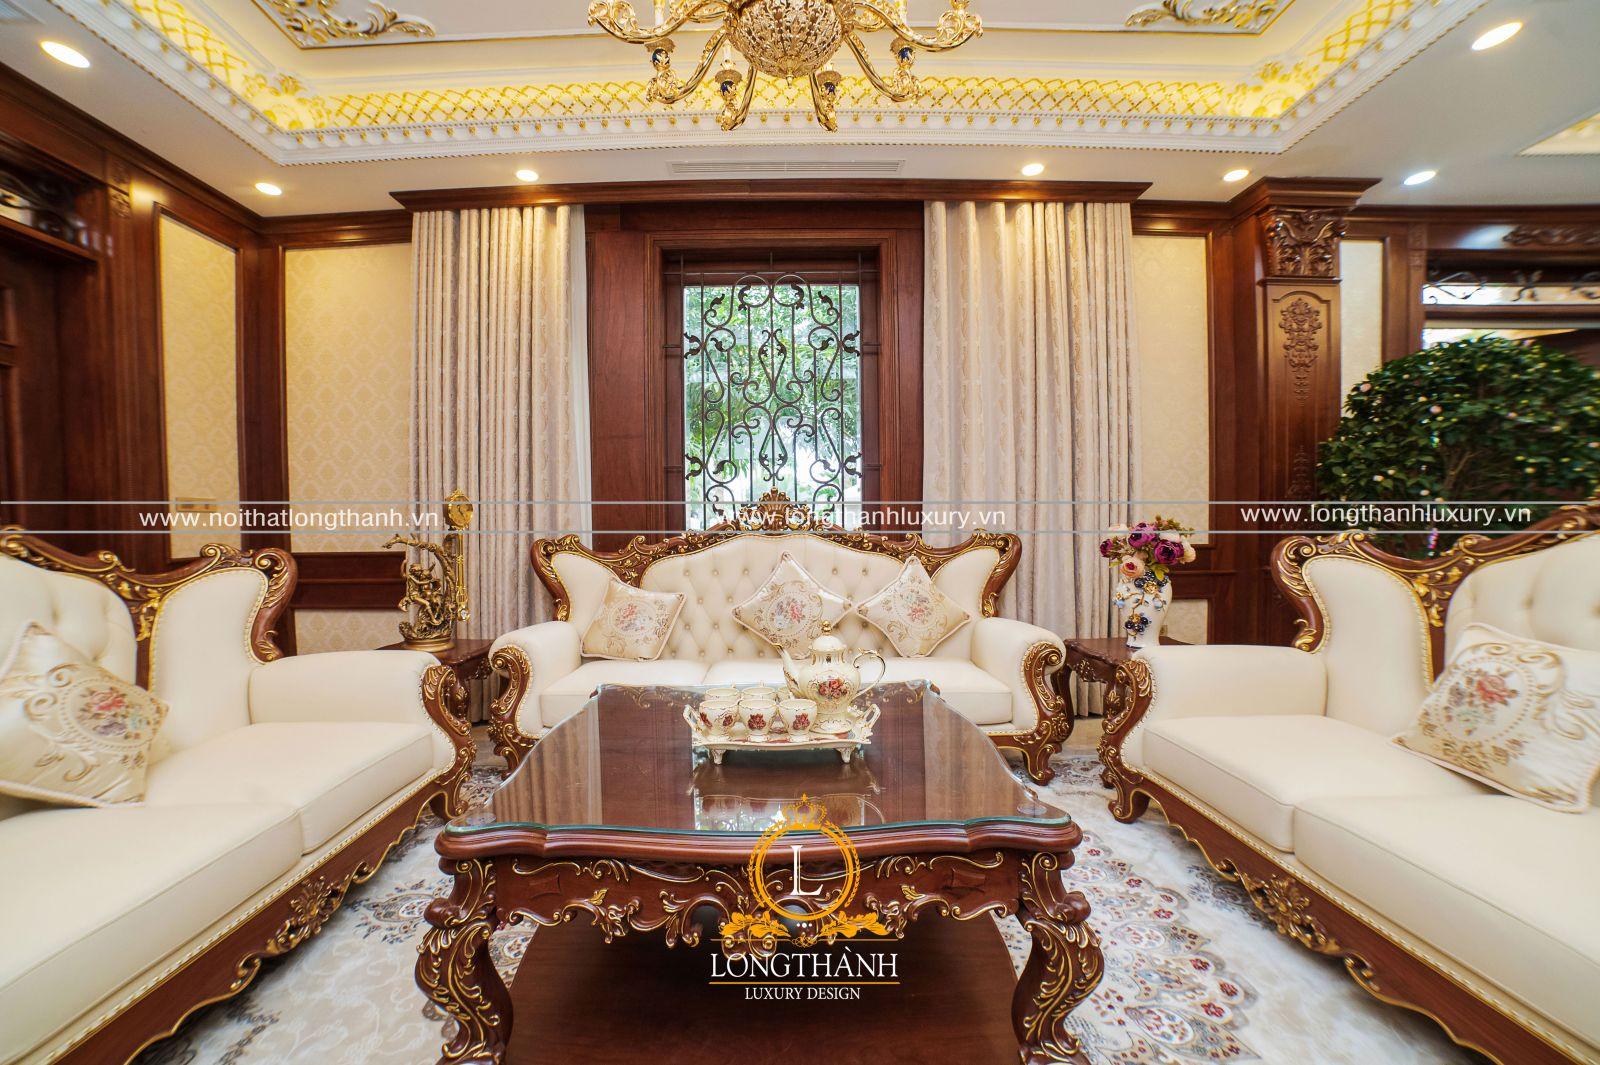 Bộ Sofa với những chất liệu cao cấp: Gỗ Gõ tự nhiên dát vàng hoa văn, bọc da Ý cao cấp